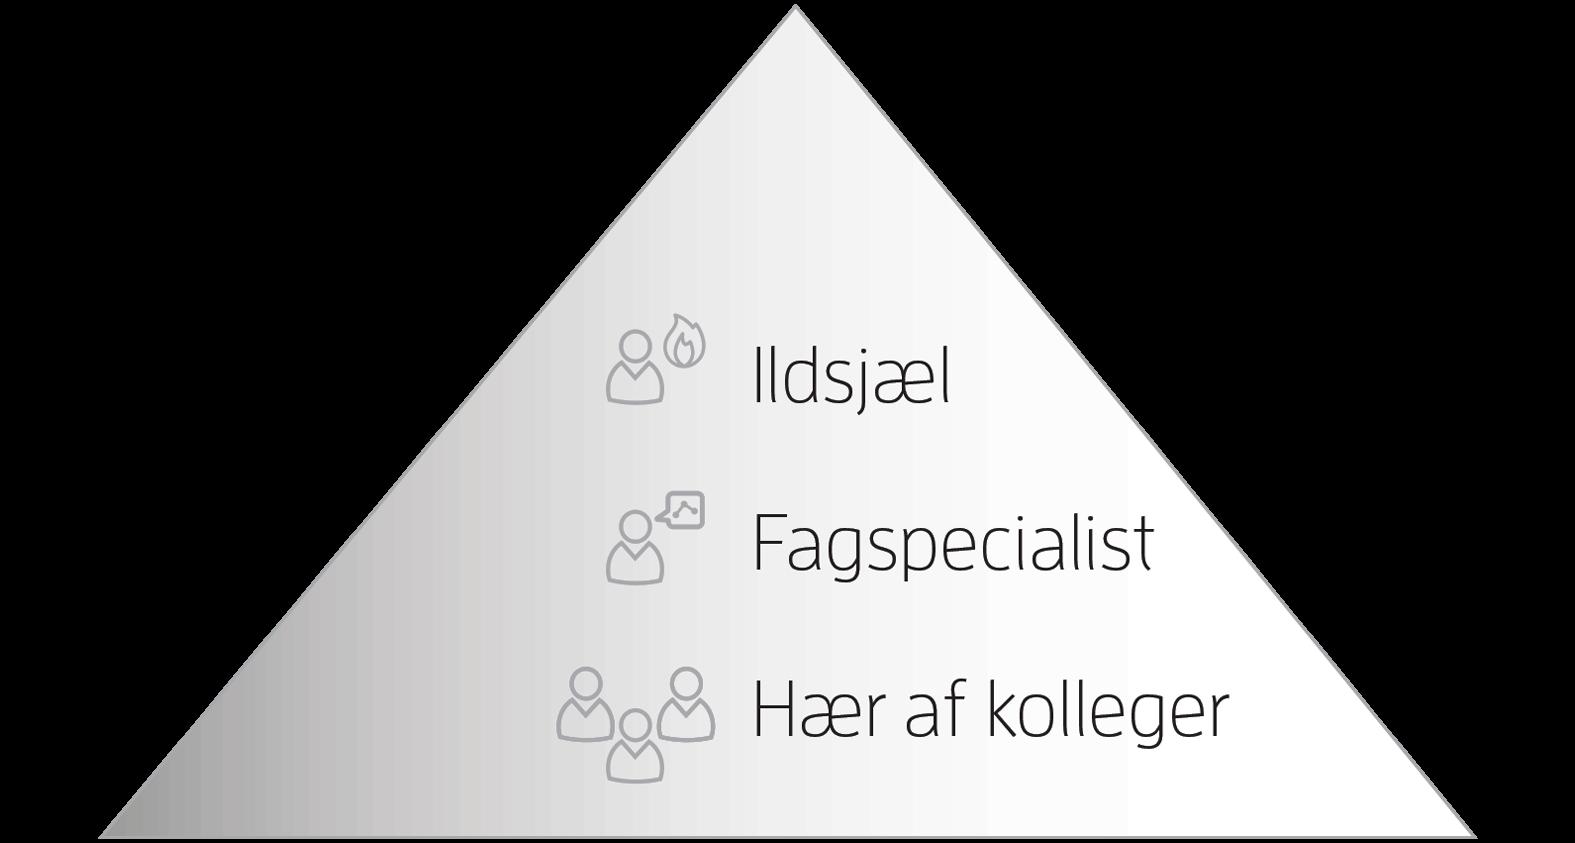 rd_model_specialiseringsgrad_transp